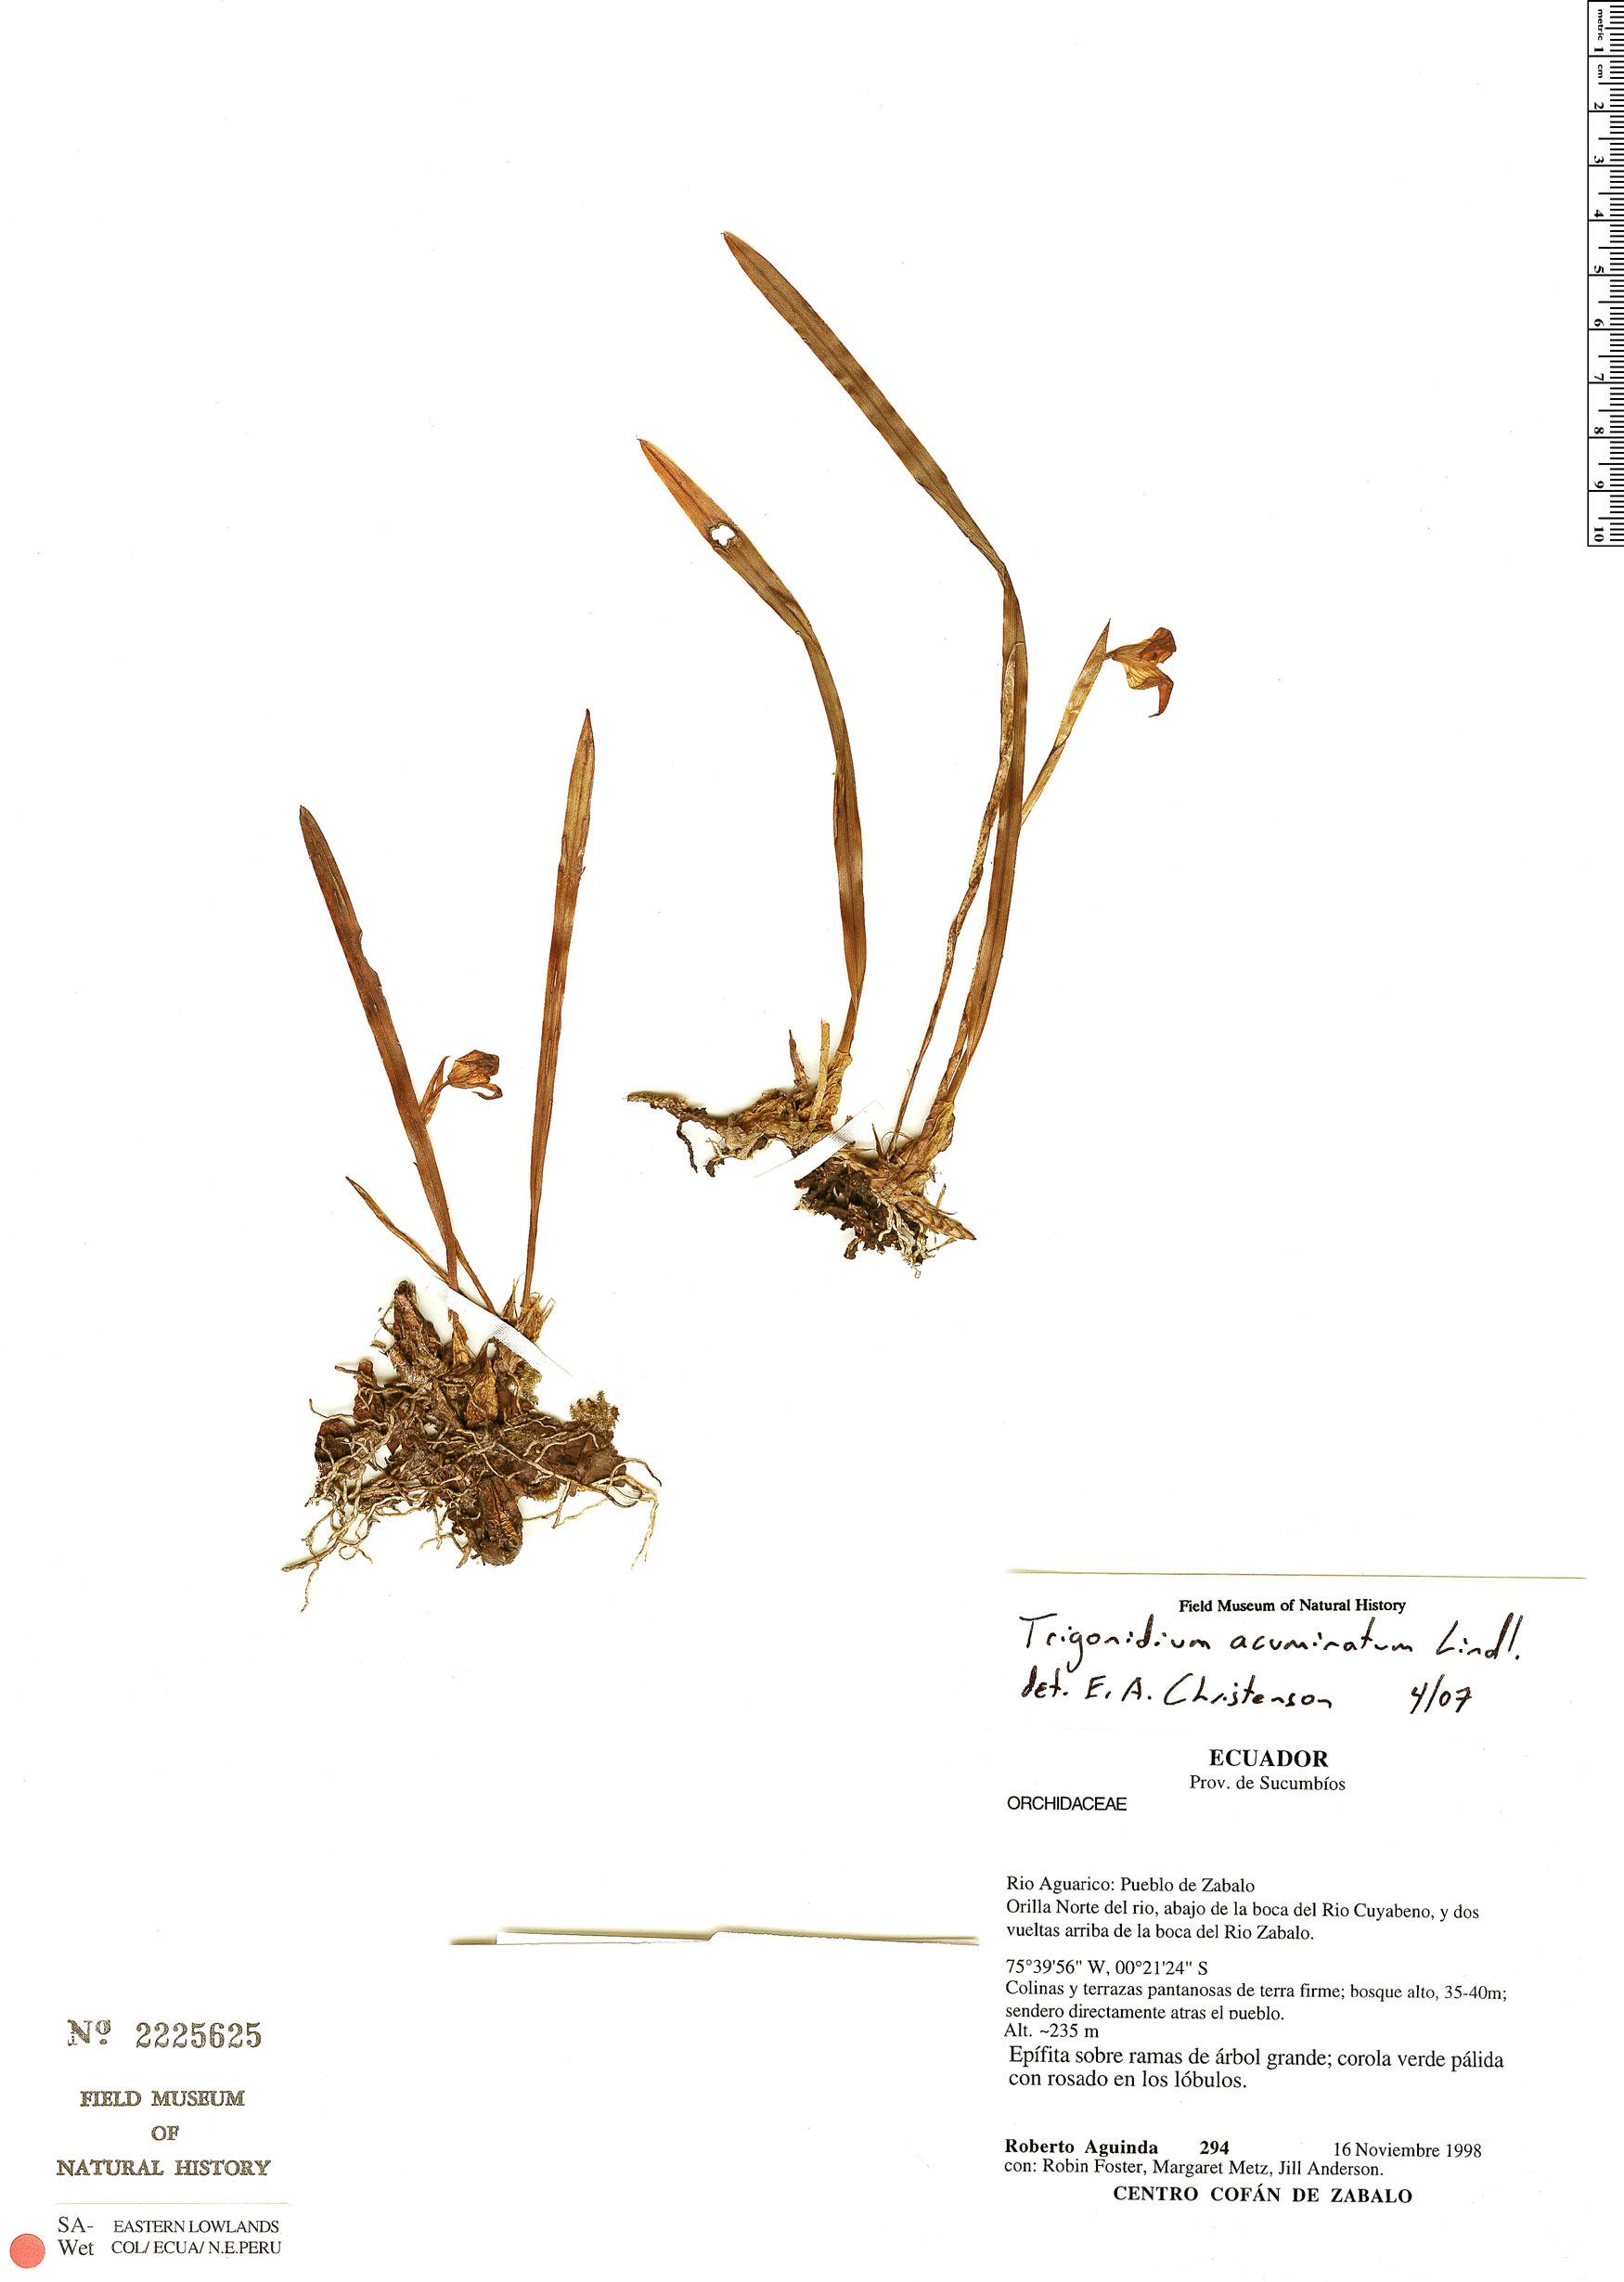 Specimen: Trigonidium acuminatum